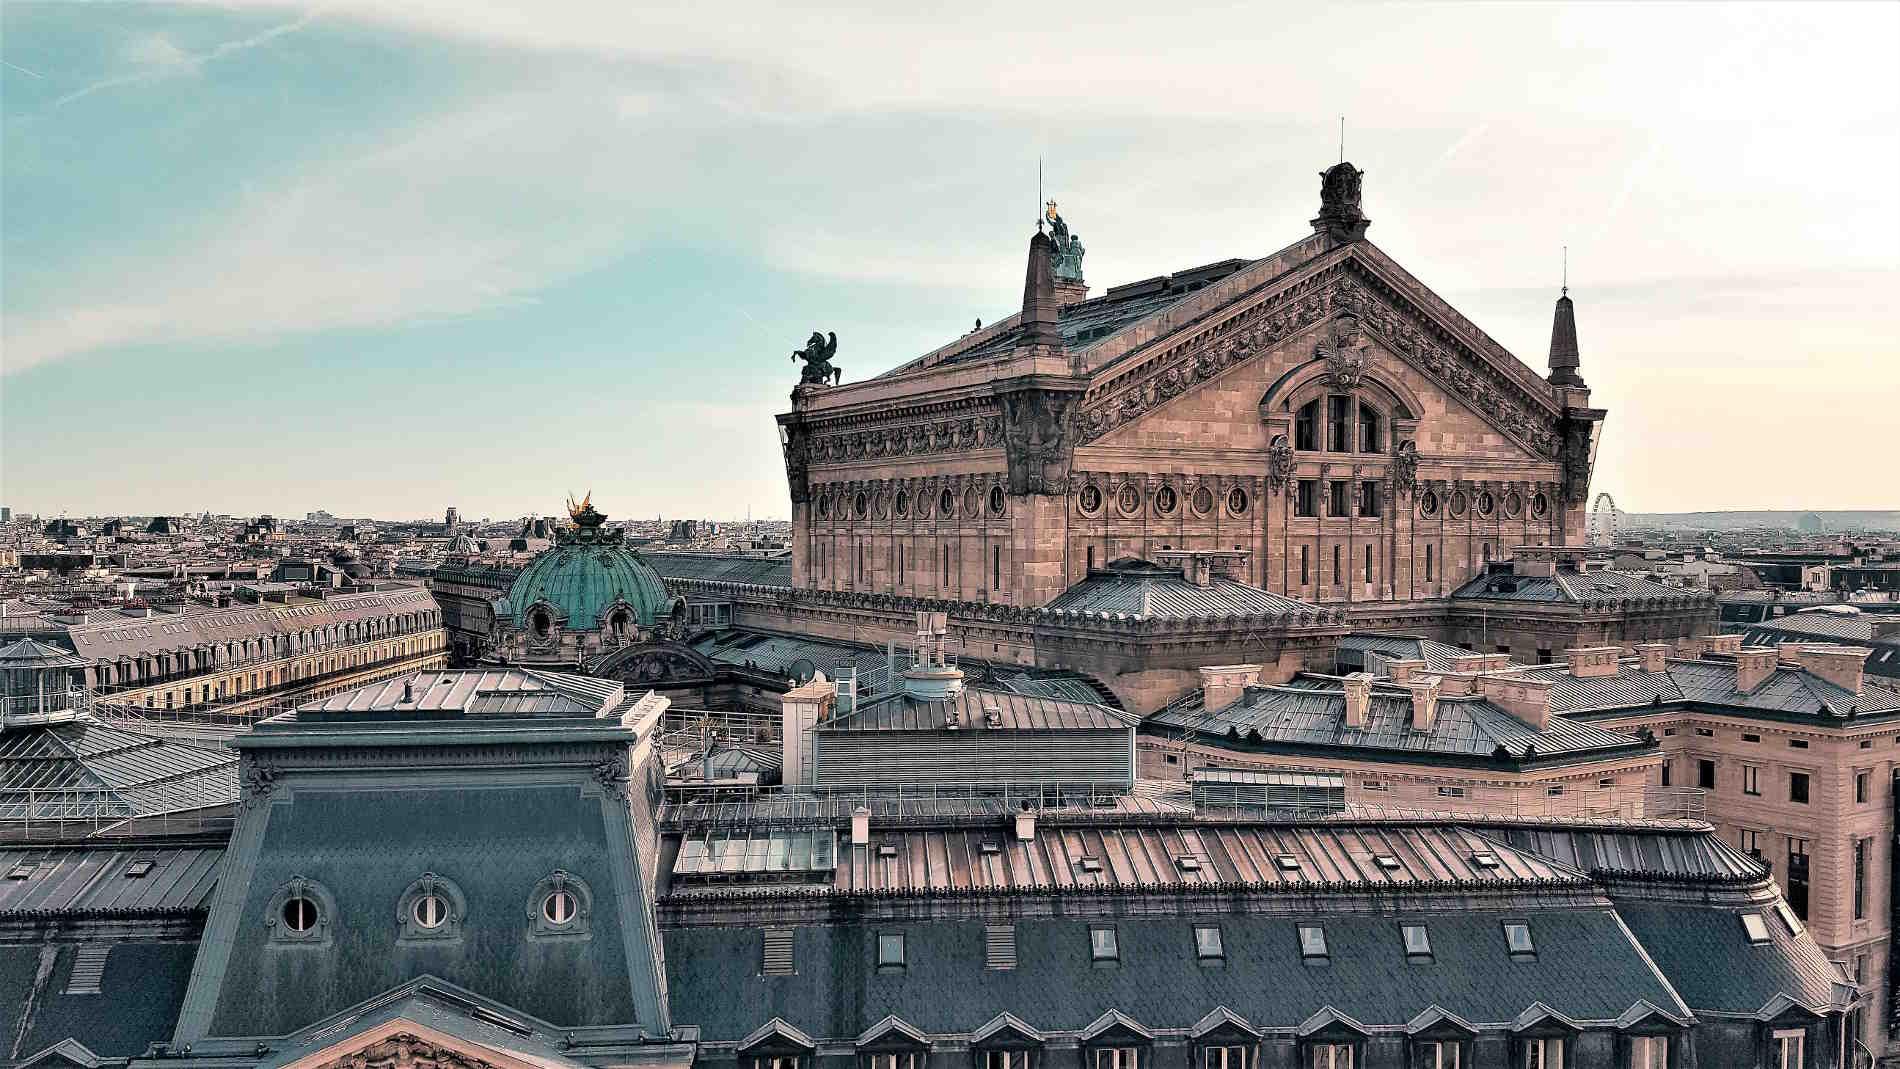 Viaggio nelle Capitali europee più belle Parigi capitale della Francia dai tetti